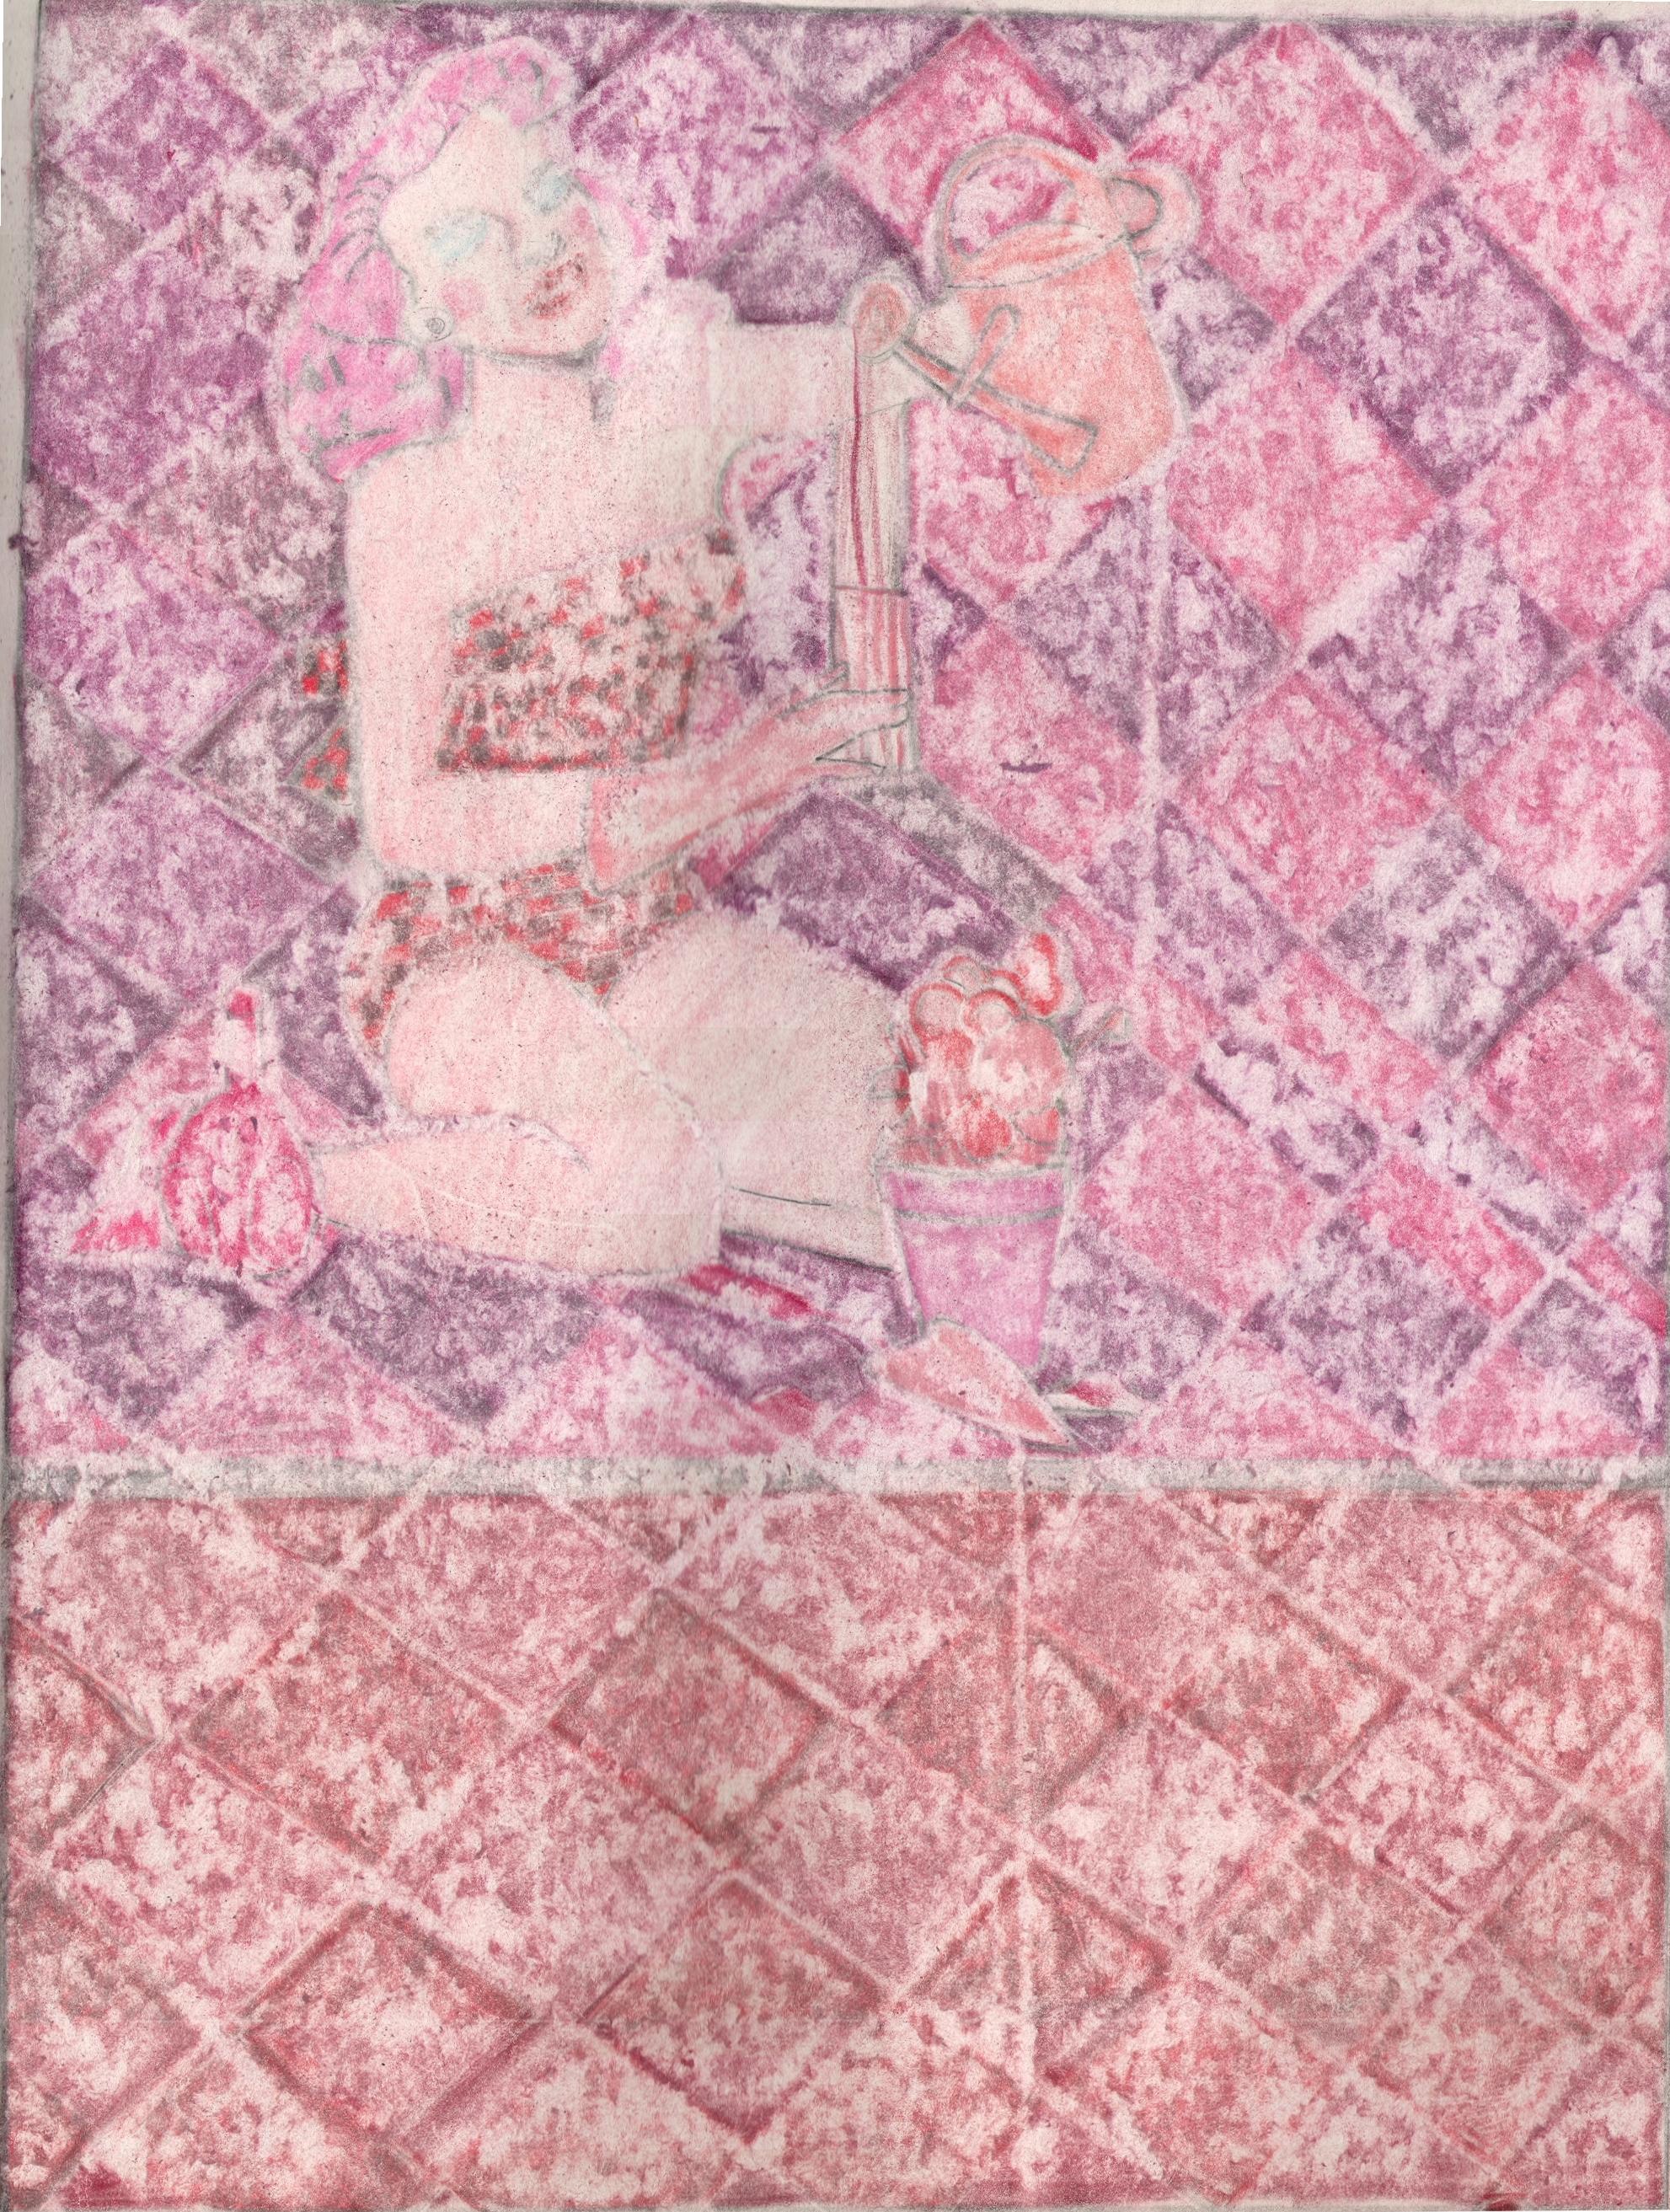 O.T. ( Pinup Gardening ), 2019  Buntstift auf Papier, 26x35.5cm